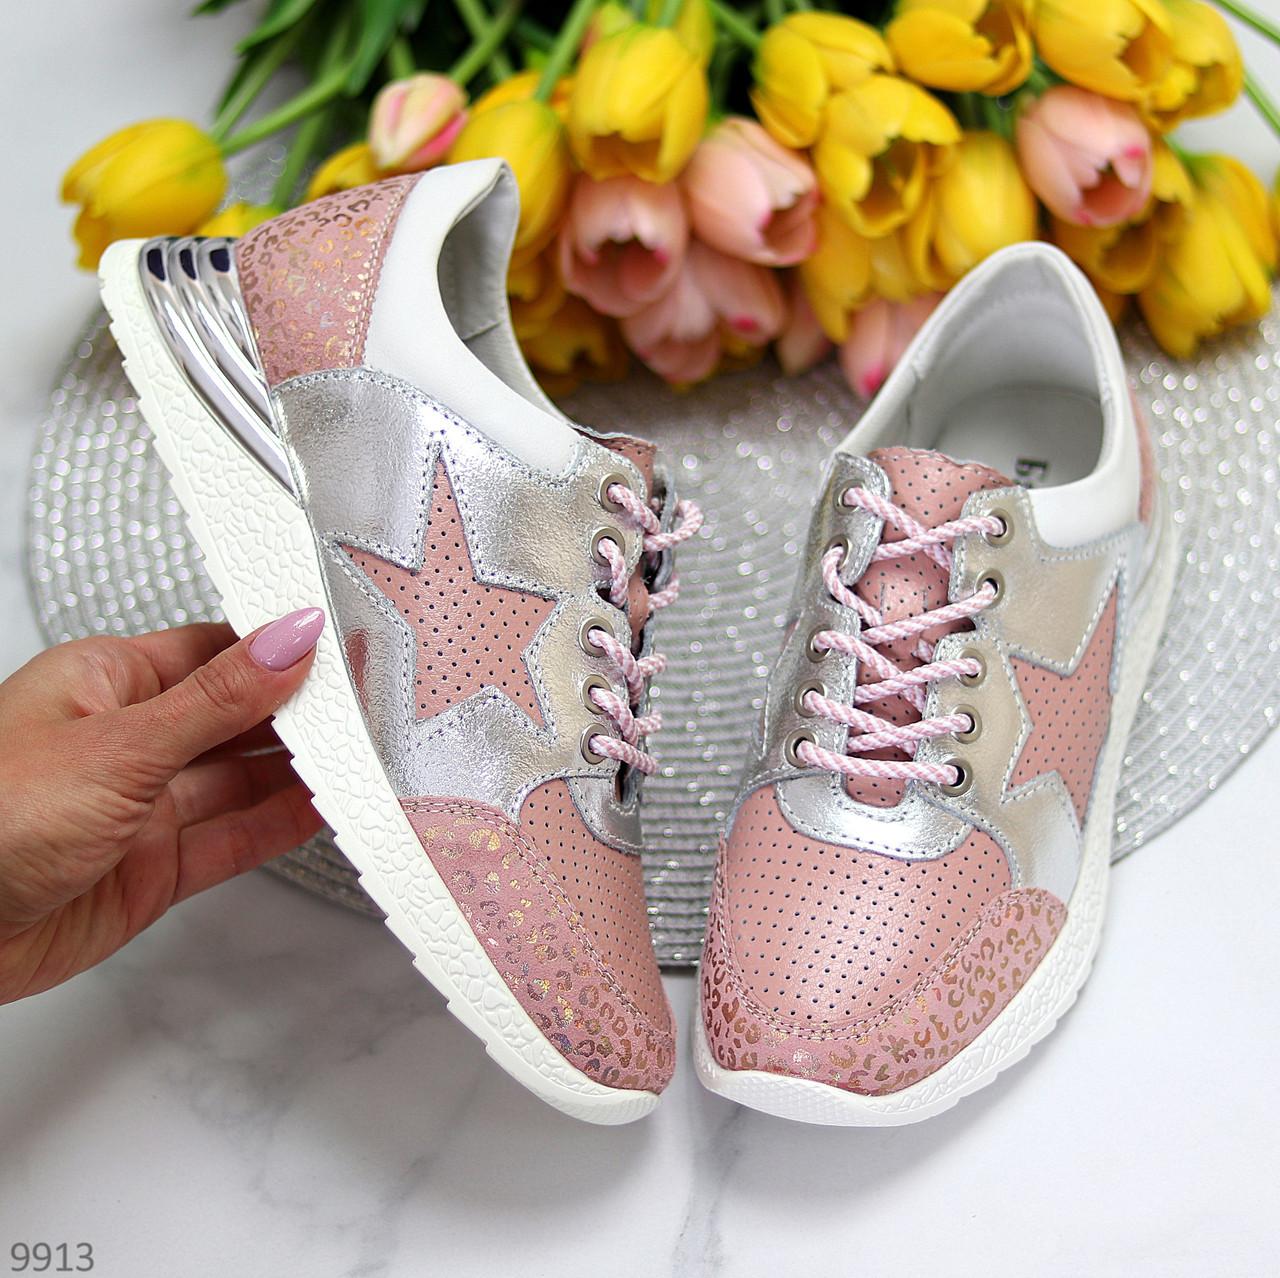 Дизайнерські рожеві сріблясті жіночі кросівки натуральна шкіра / замша 36-23 / 37-24см